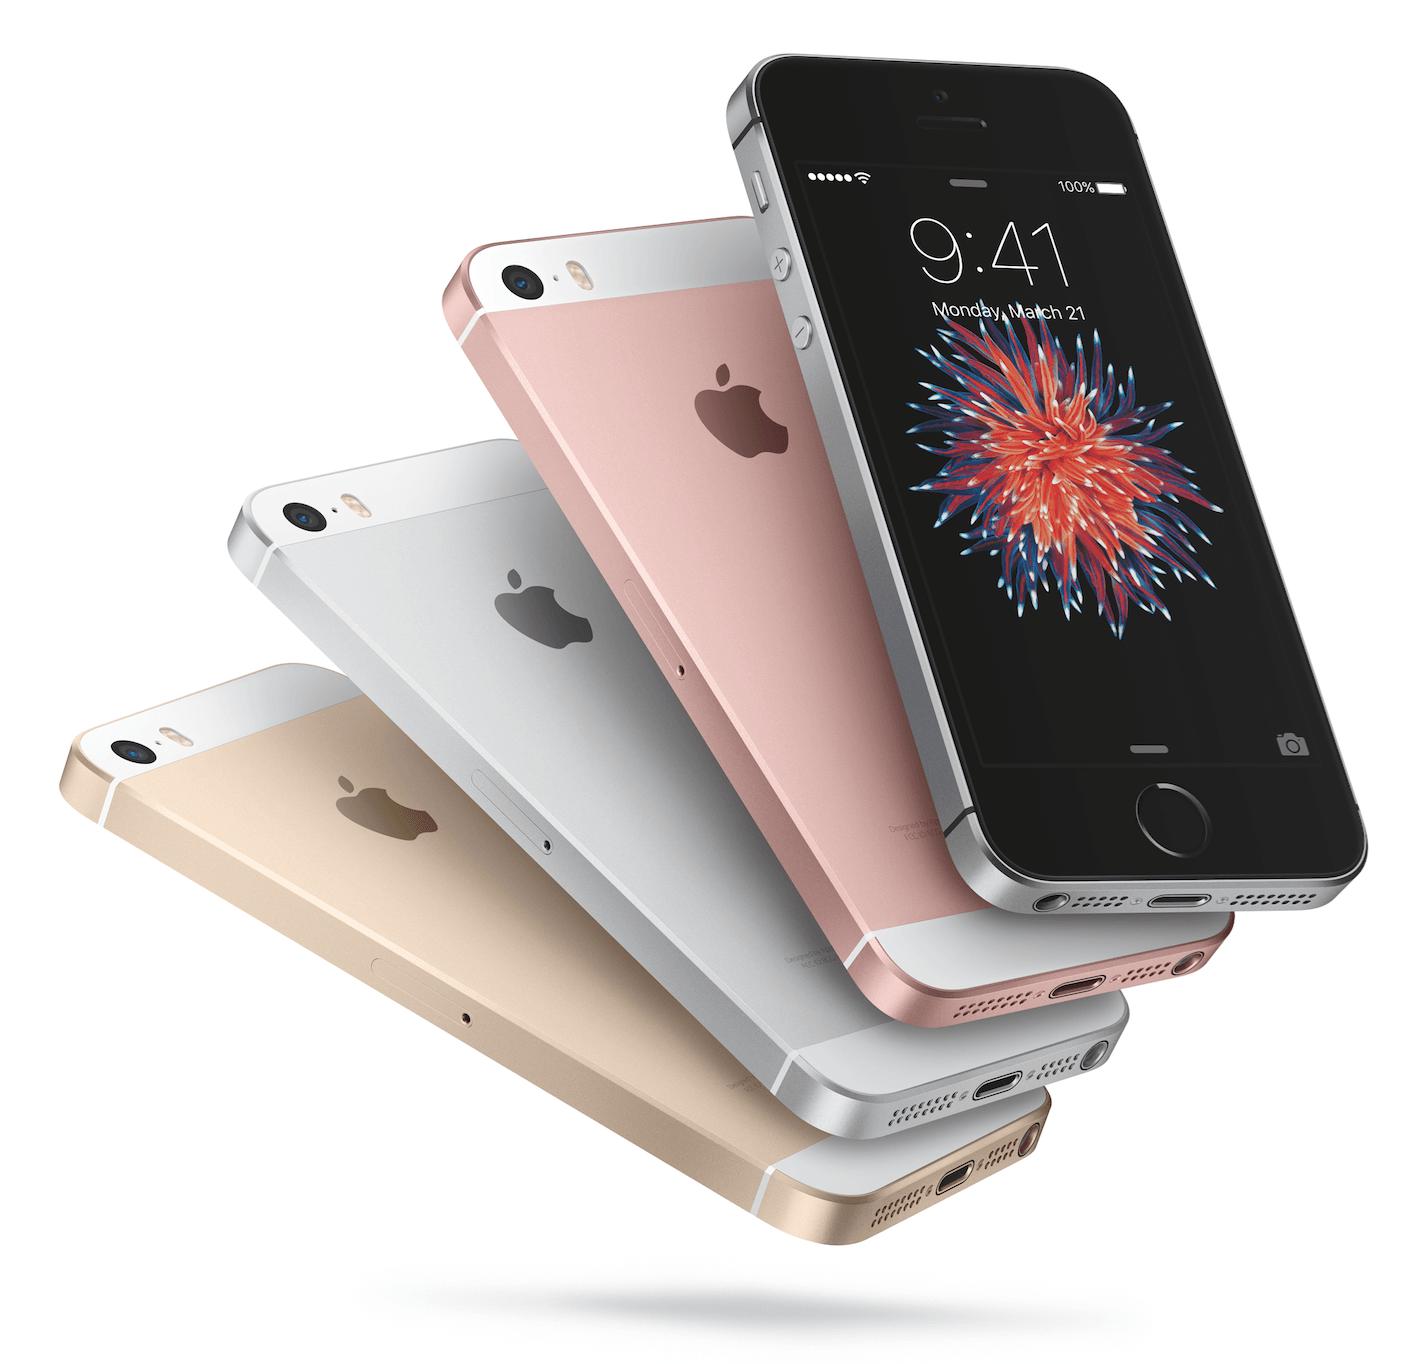 nye mobiler